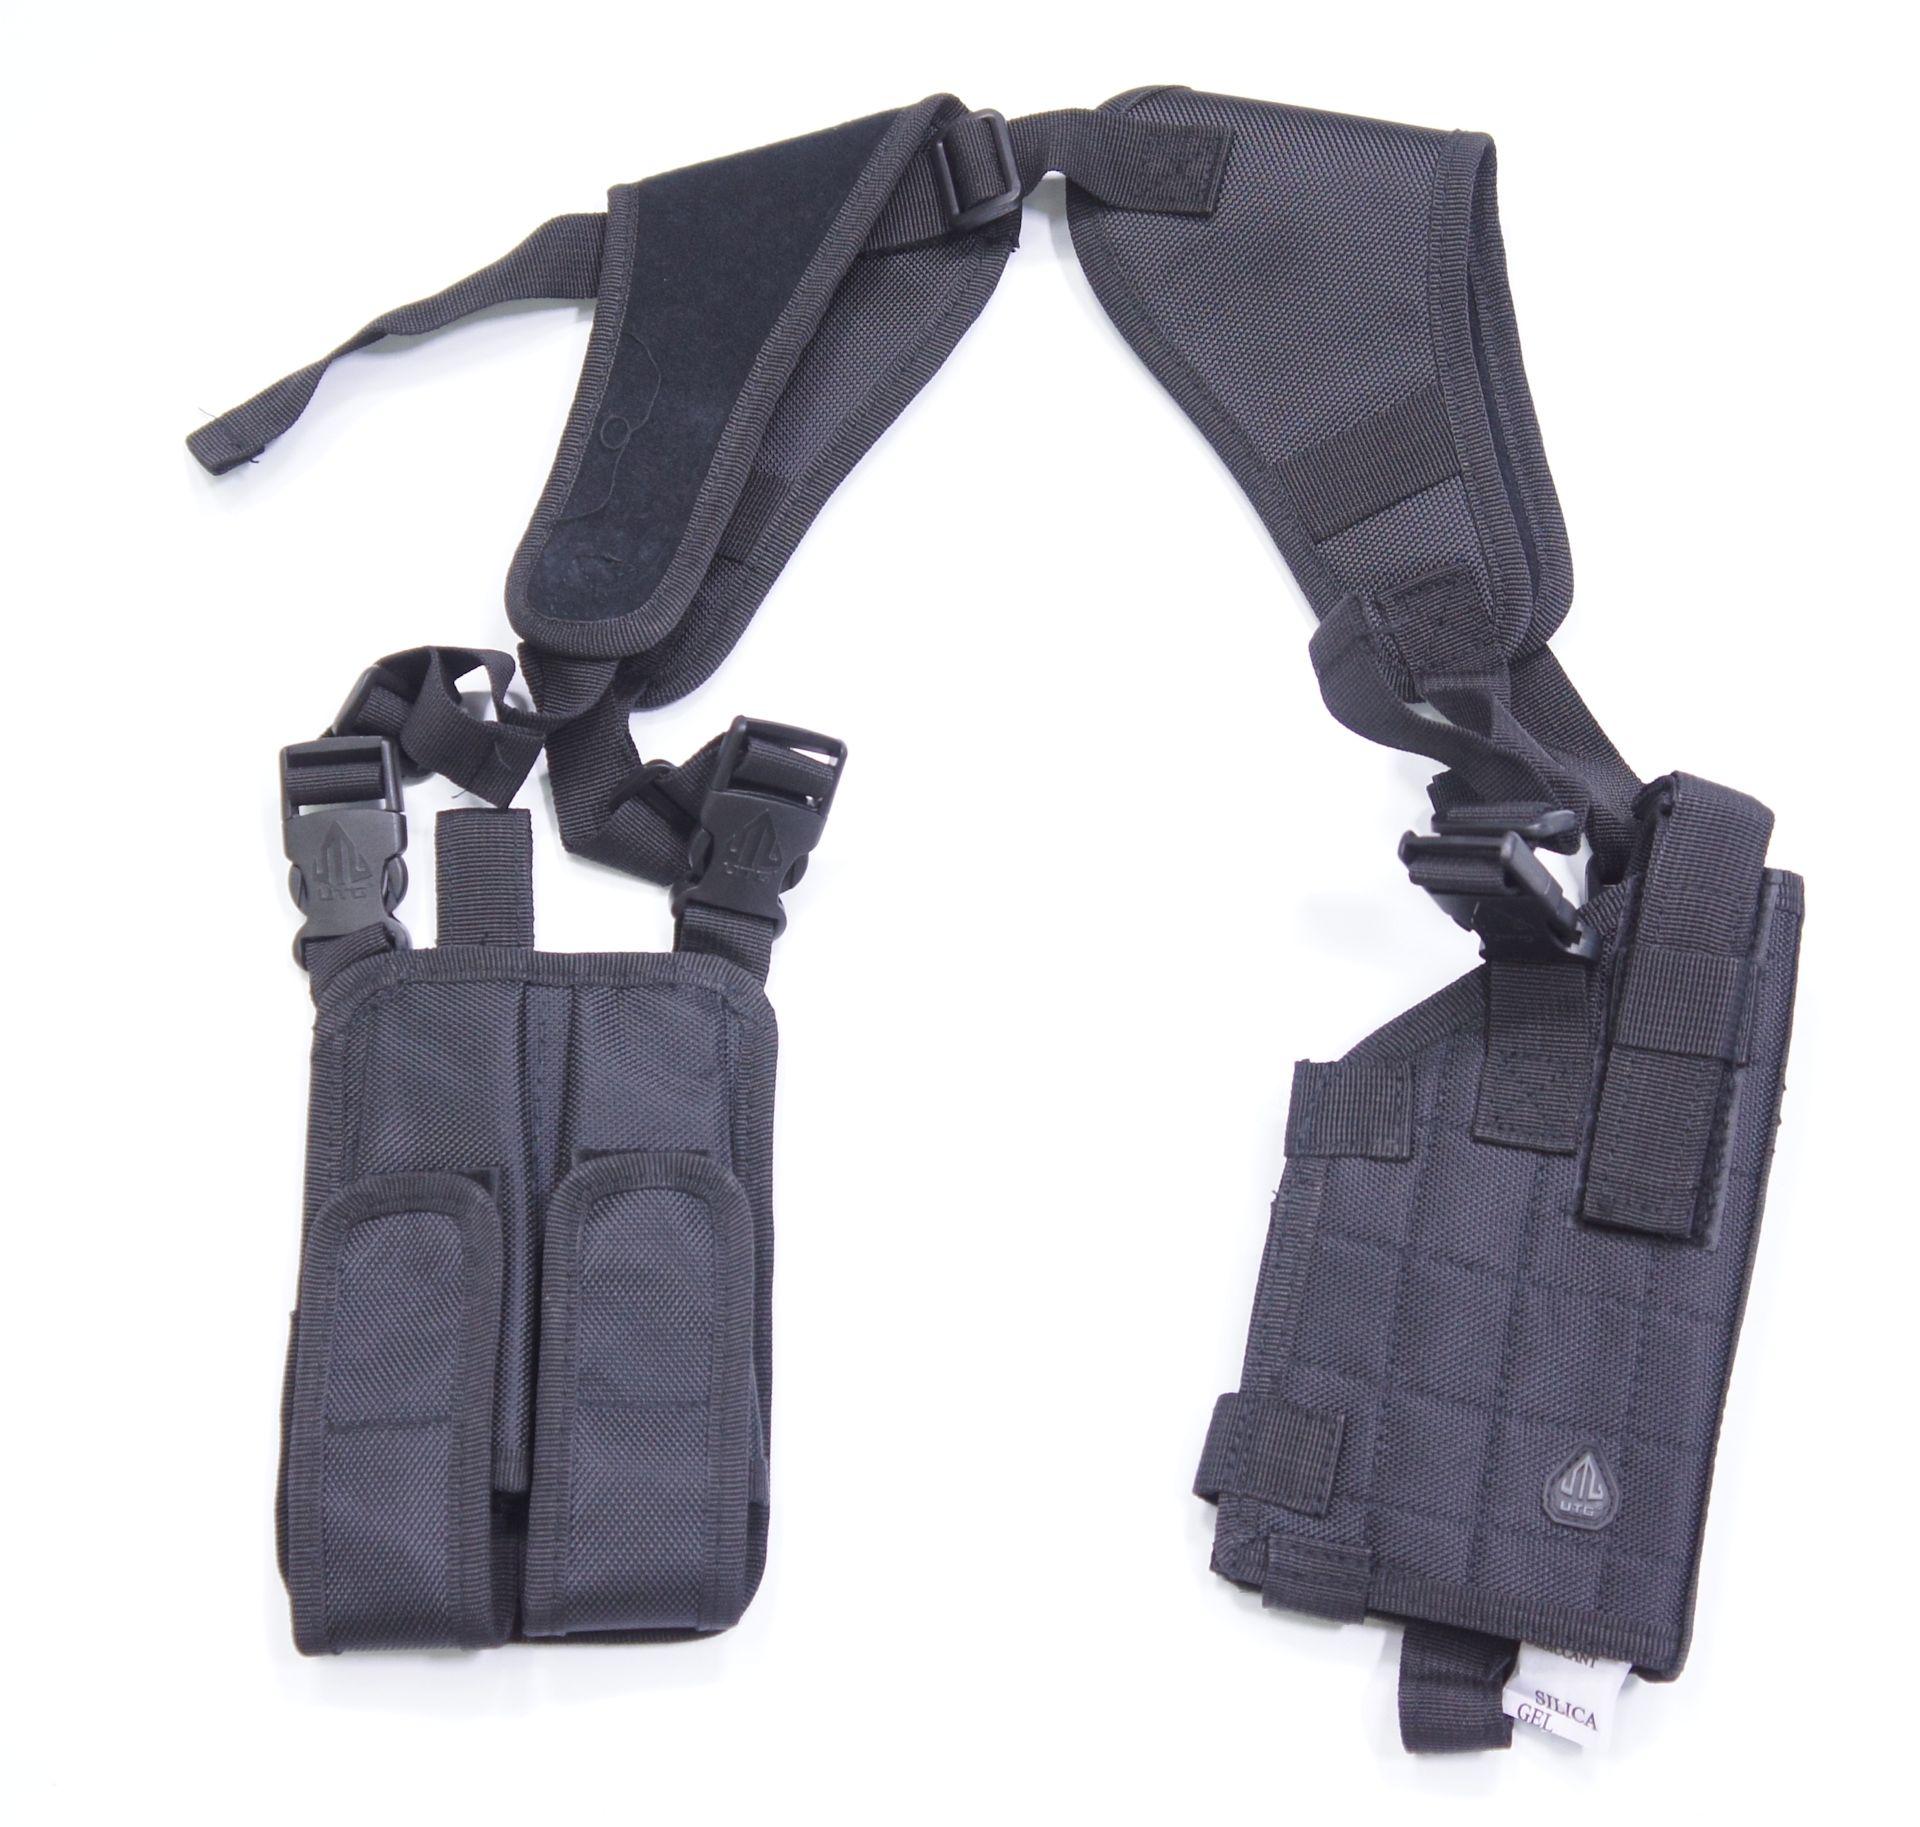 Optinales Zubehör: <a href=1260125.htm>Das abgebildete Schulterholster</a>ist für Pistolen konzipiert und besteht aus schwarzem Cordura. Im Beispiel wird das Tierabwehrgerät JPX im Holster gezeigt und in den Magazintaschen können Ersatzlaufpaare gut untergebracht werden.